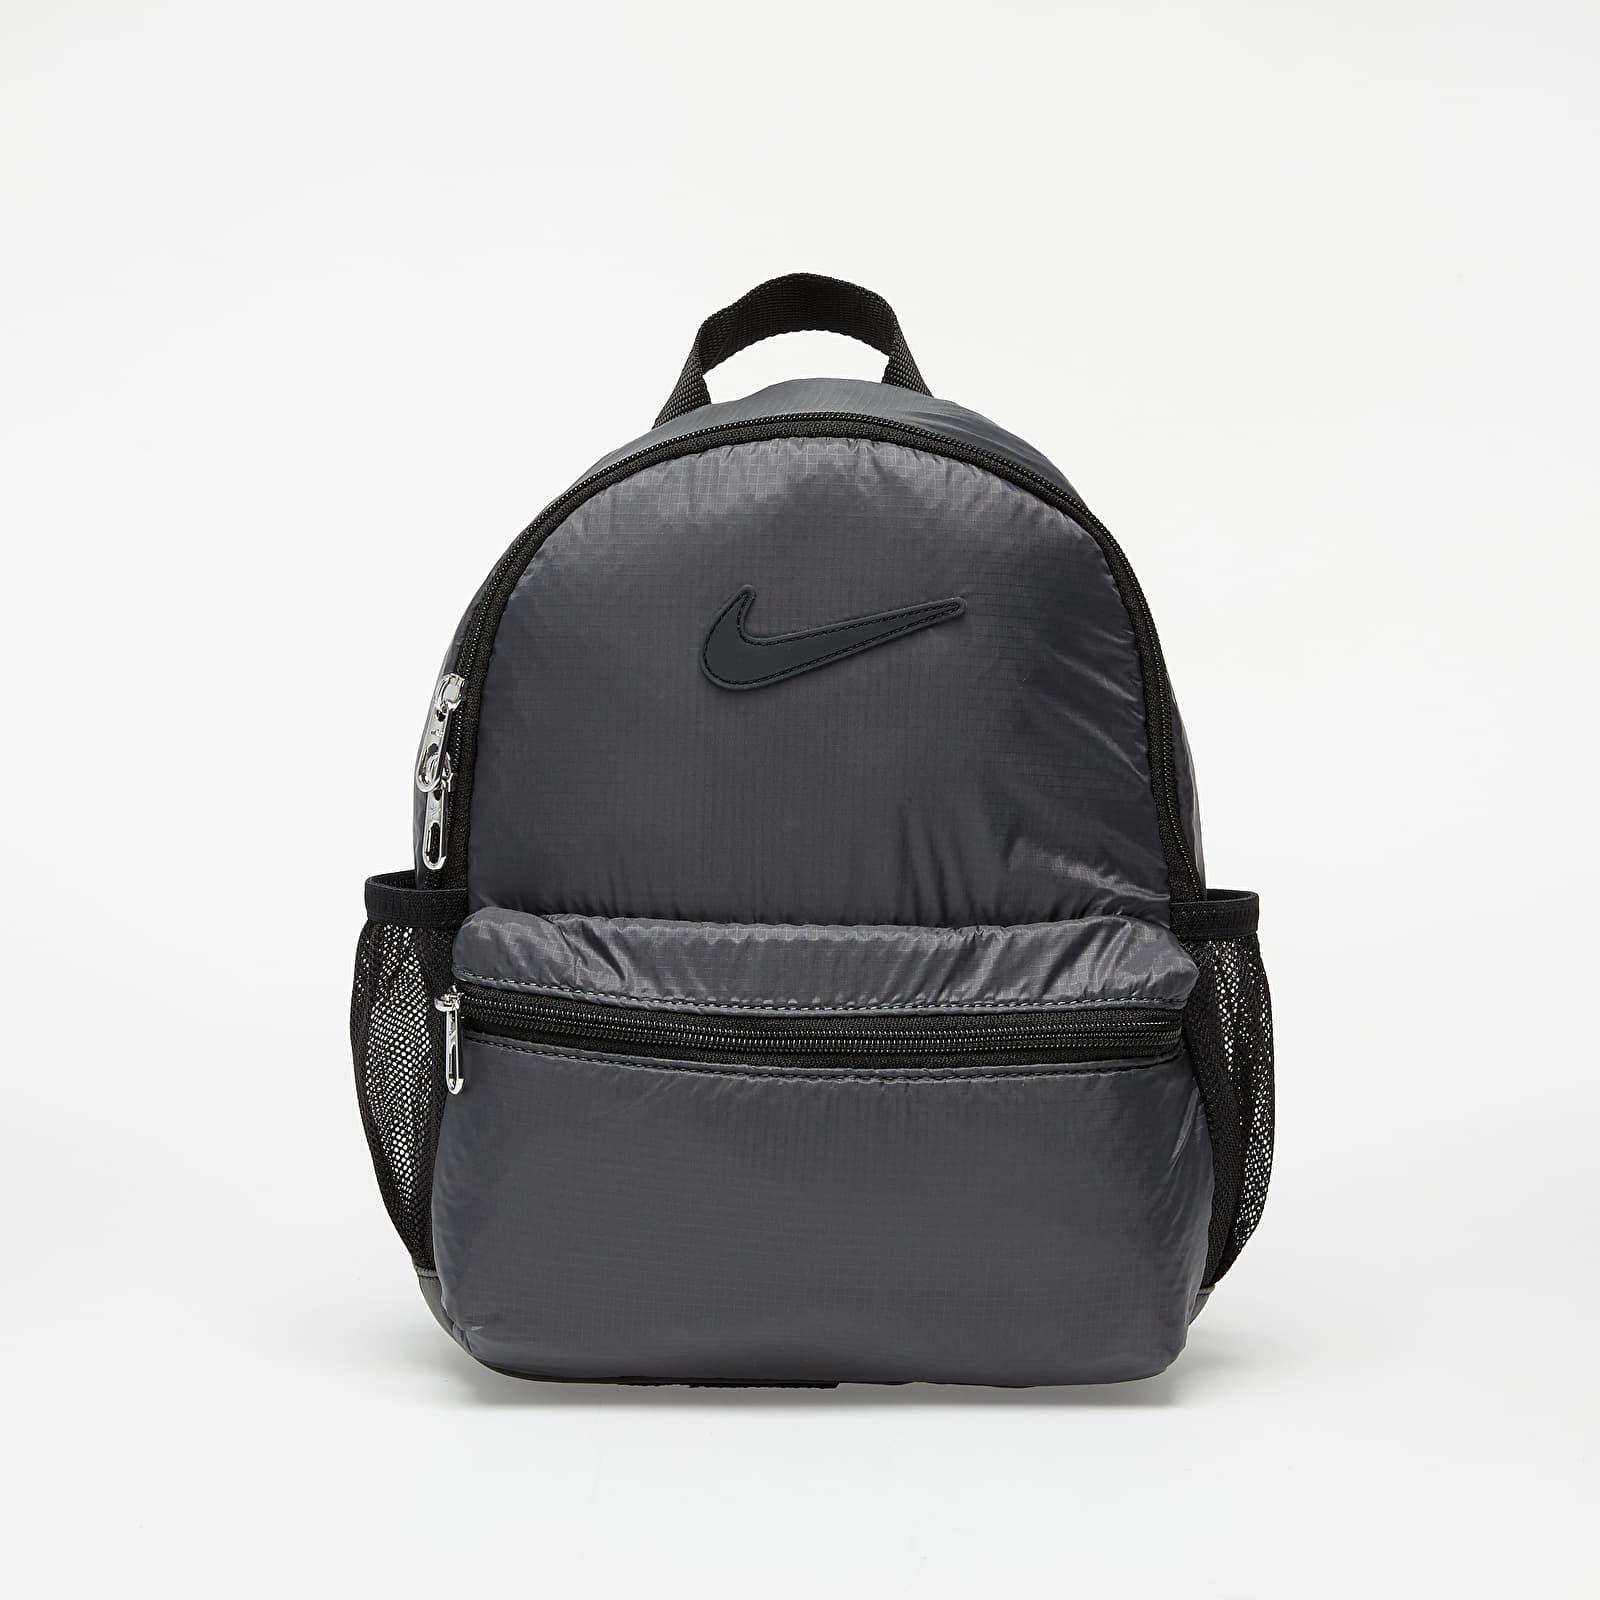 Batohy Nike Brasilia JDI Kids' Backpack (Mini) Black/ Dark Grey/ Black